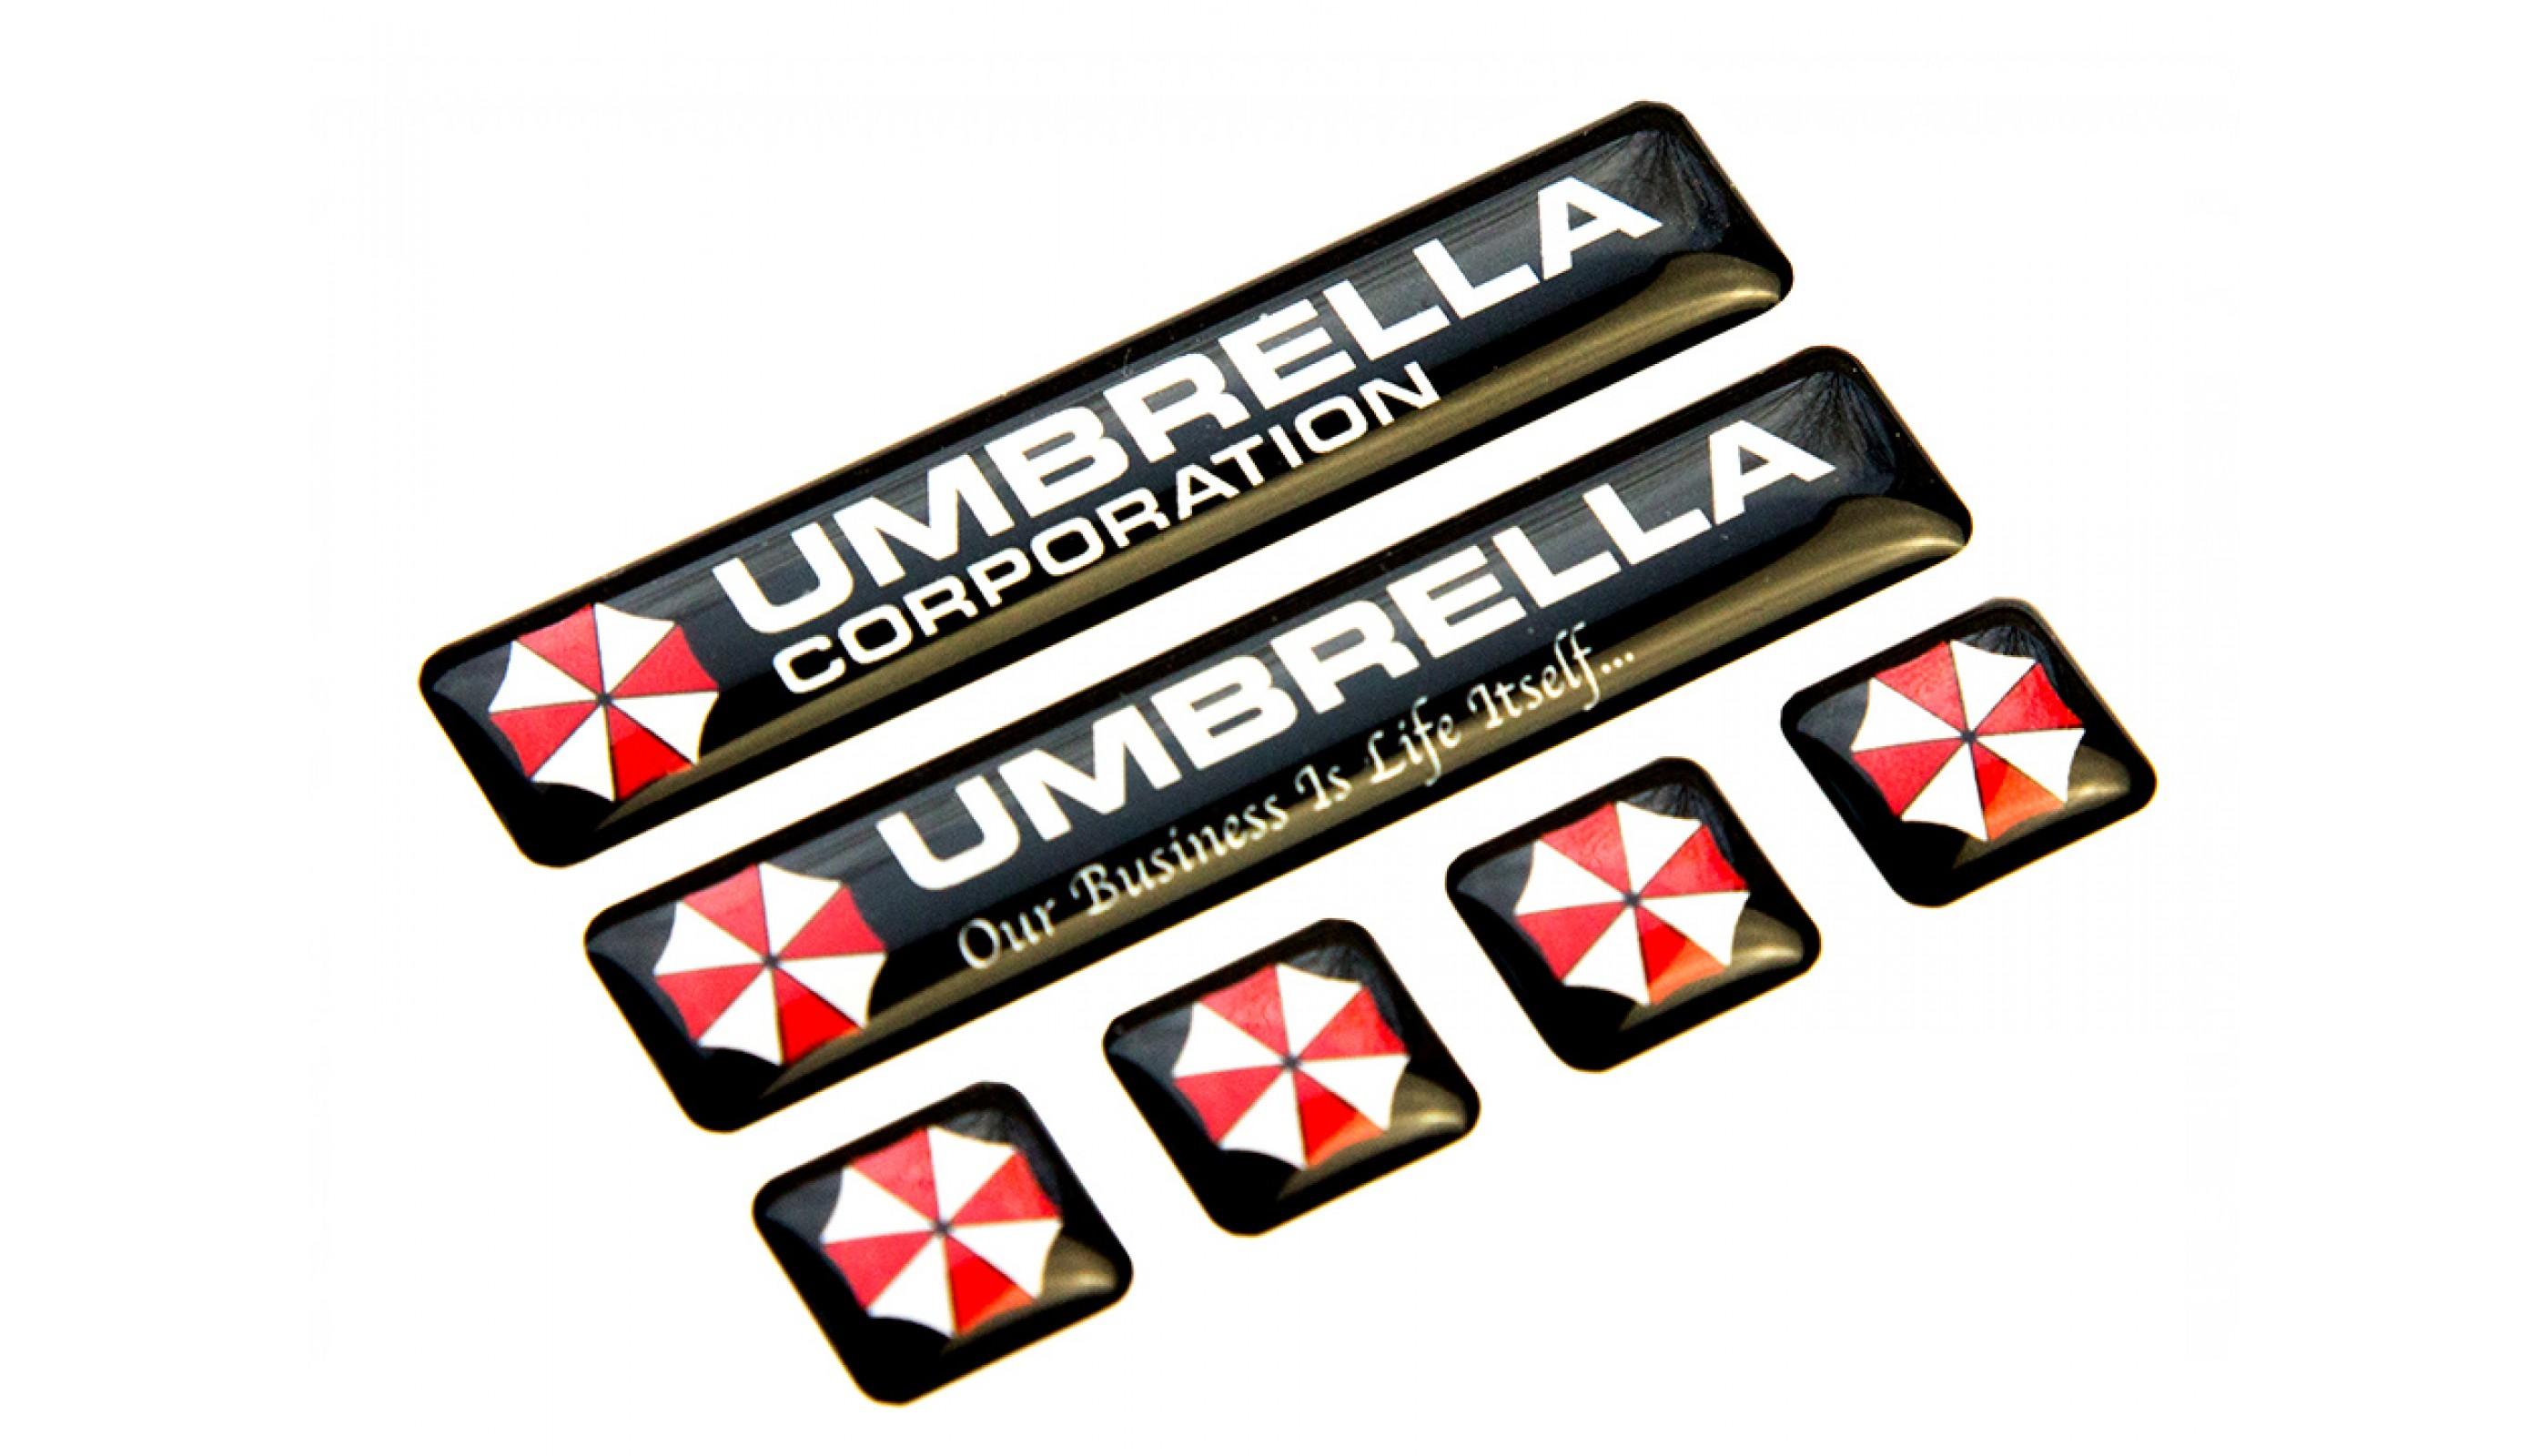 Umbrella Corporation domed emblems